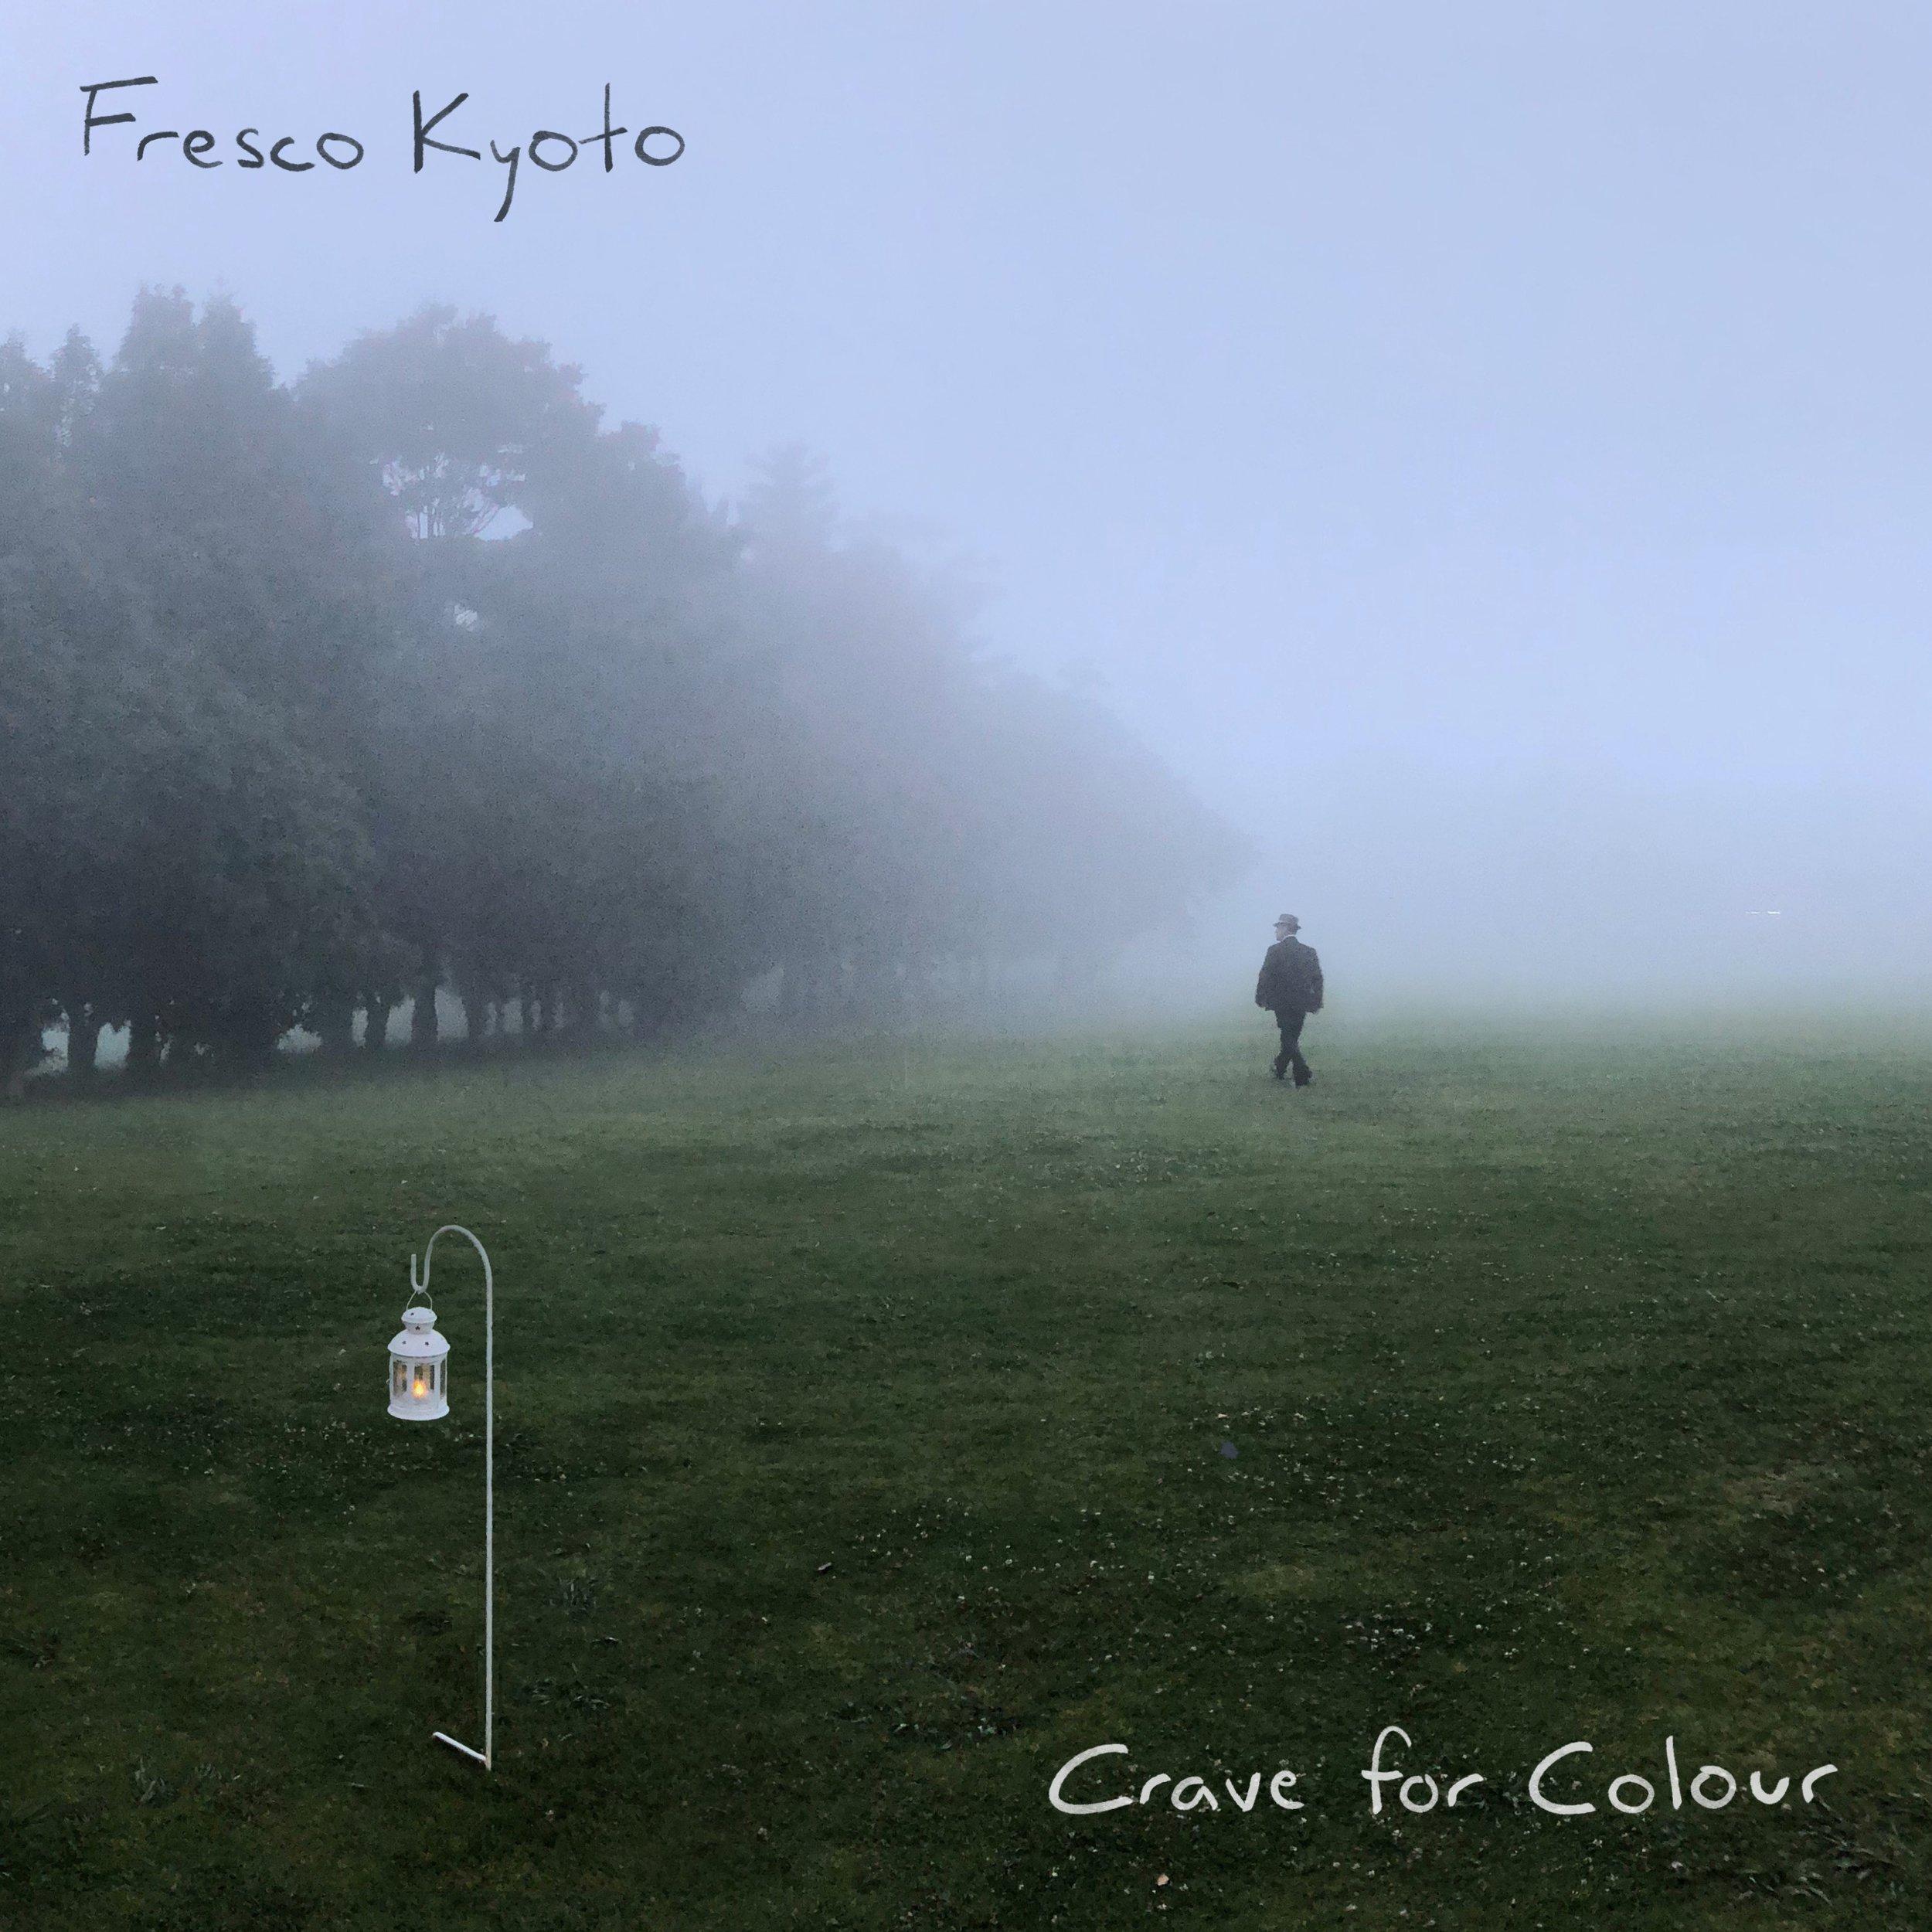 Crave for Colour Art.jpeg